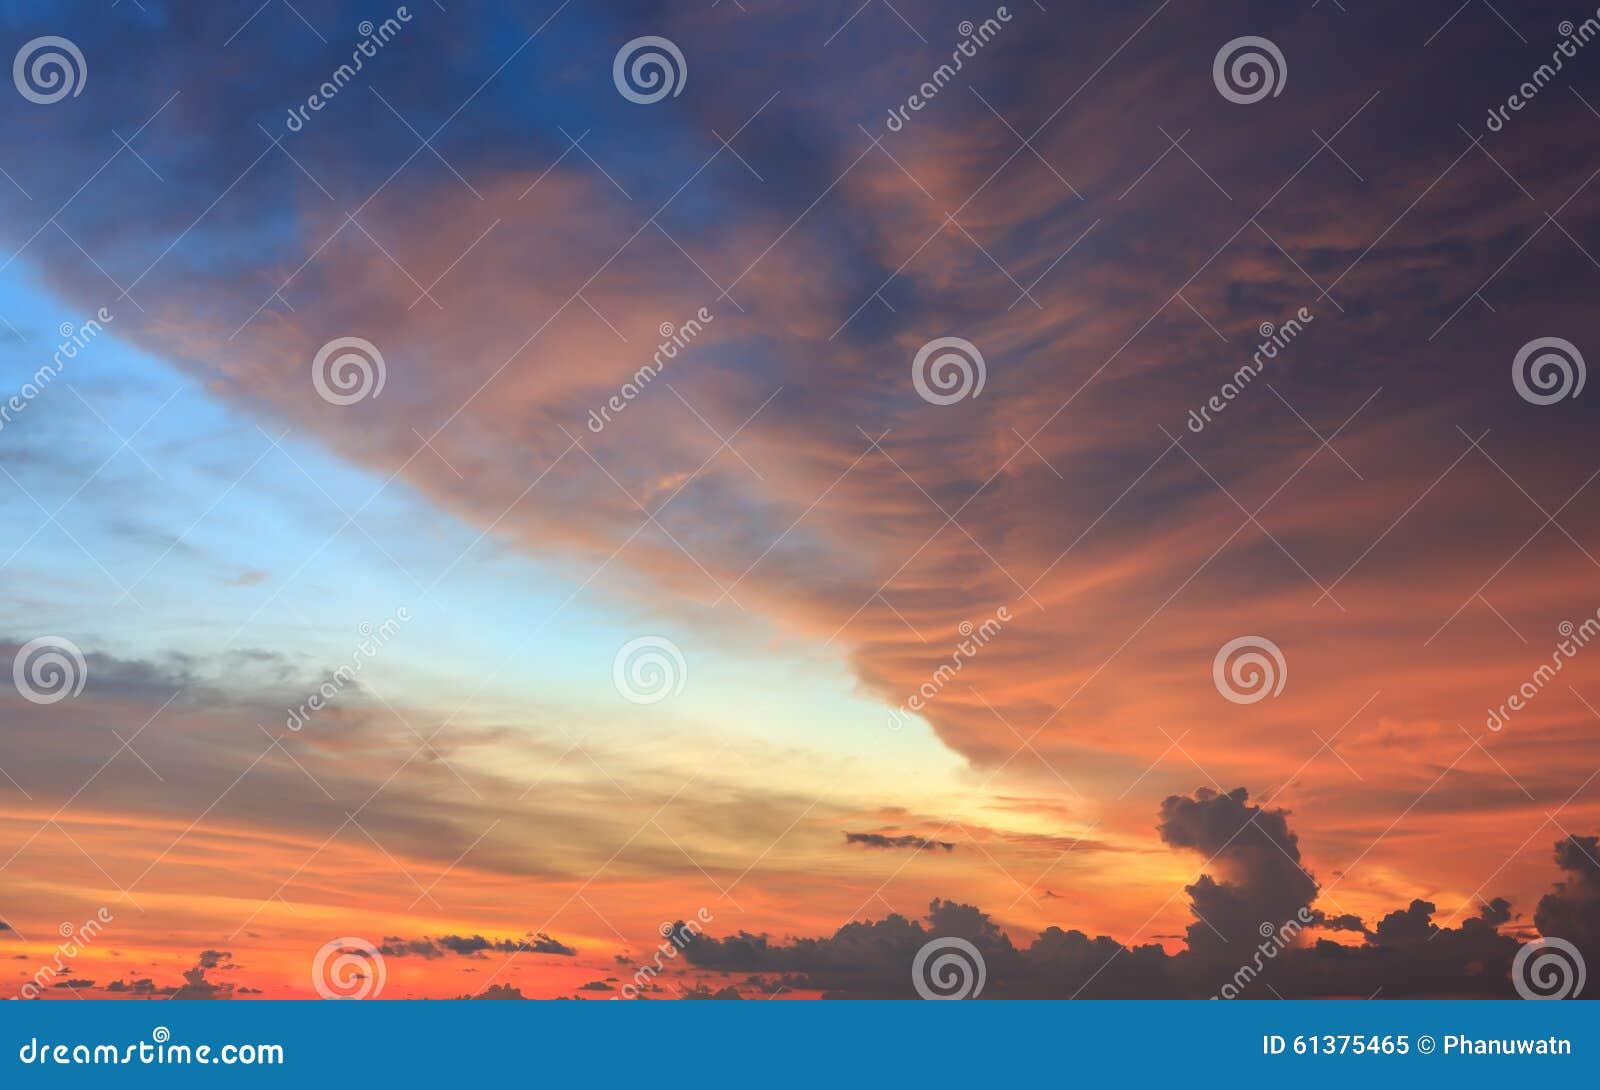 Schöner Sonnenuntergang oder Sonnenaufganghimmel mit Wolken